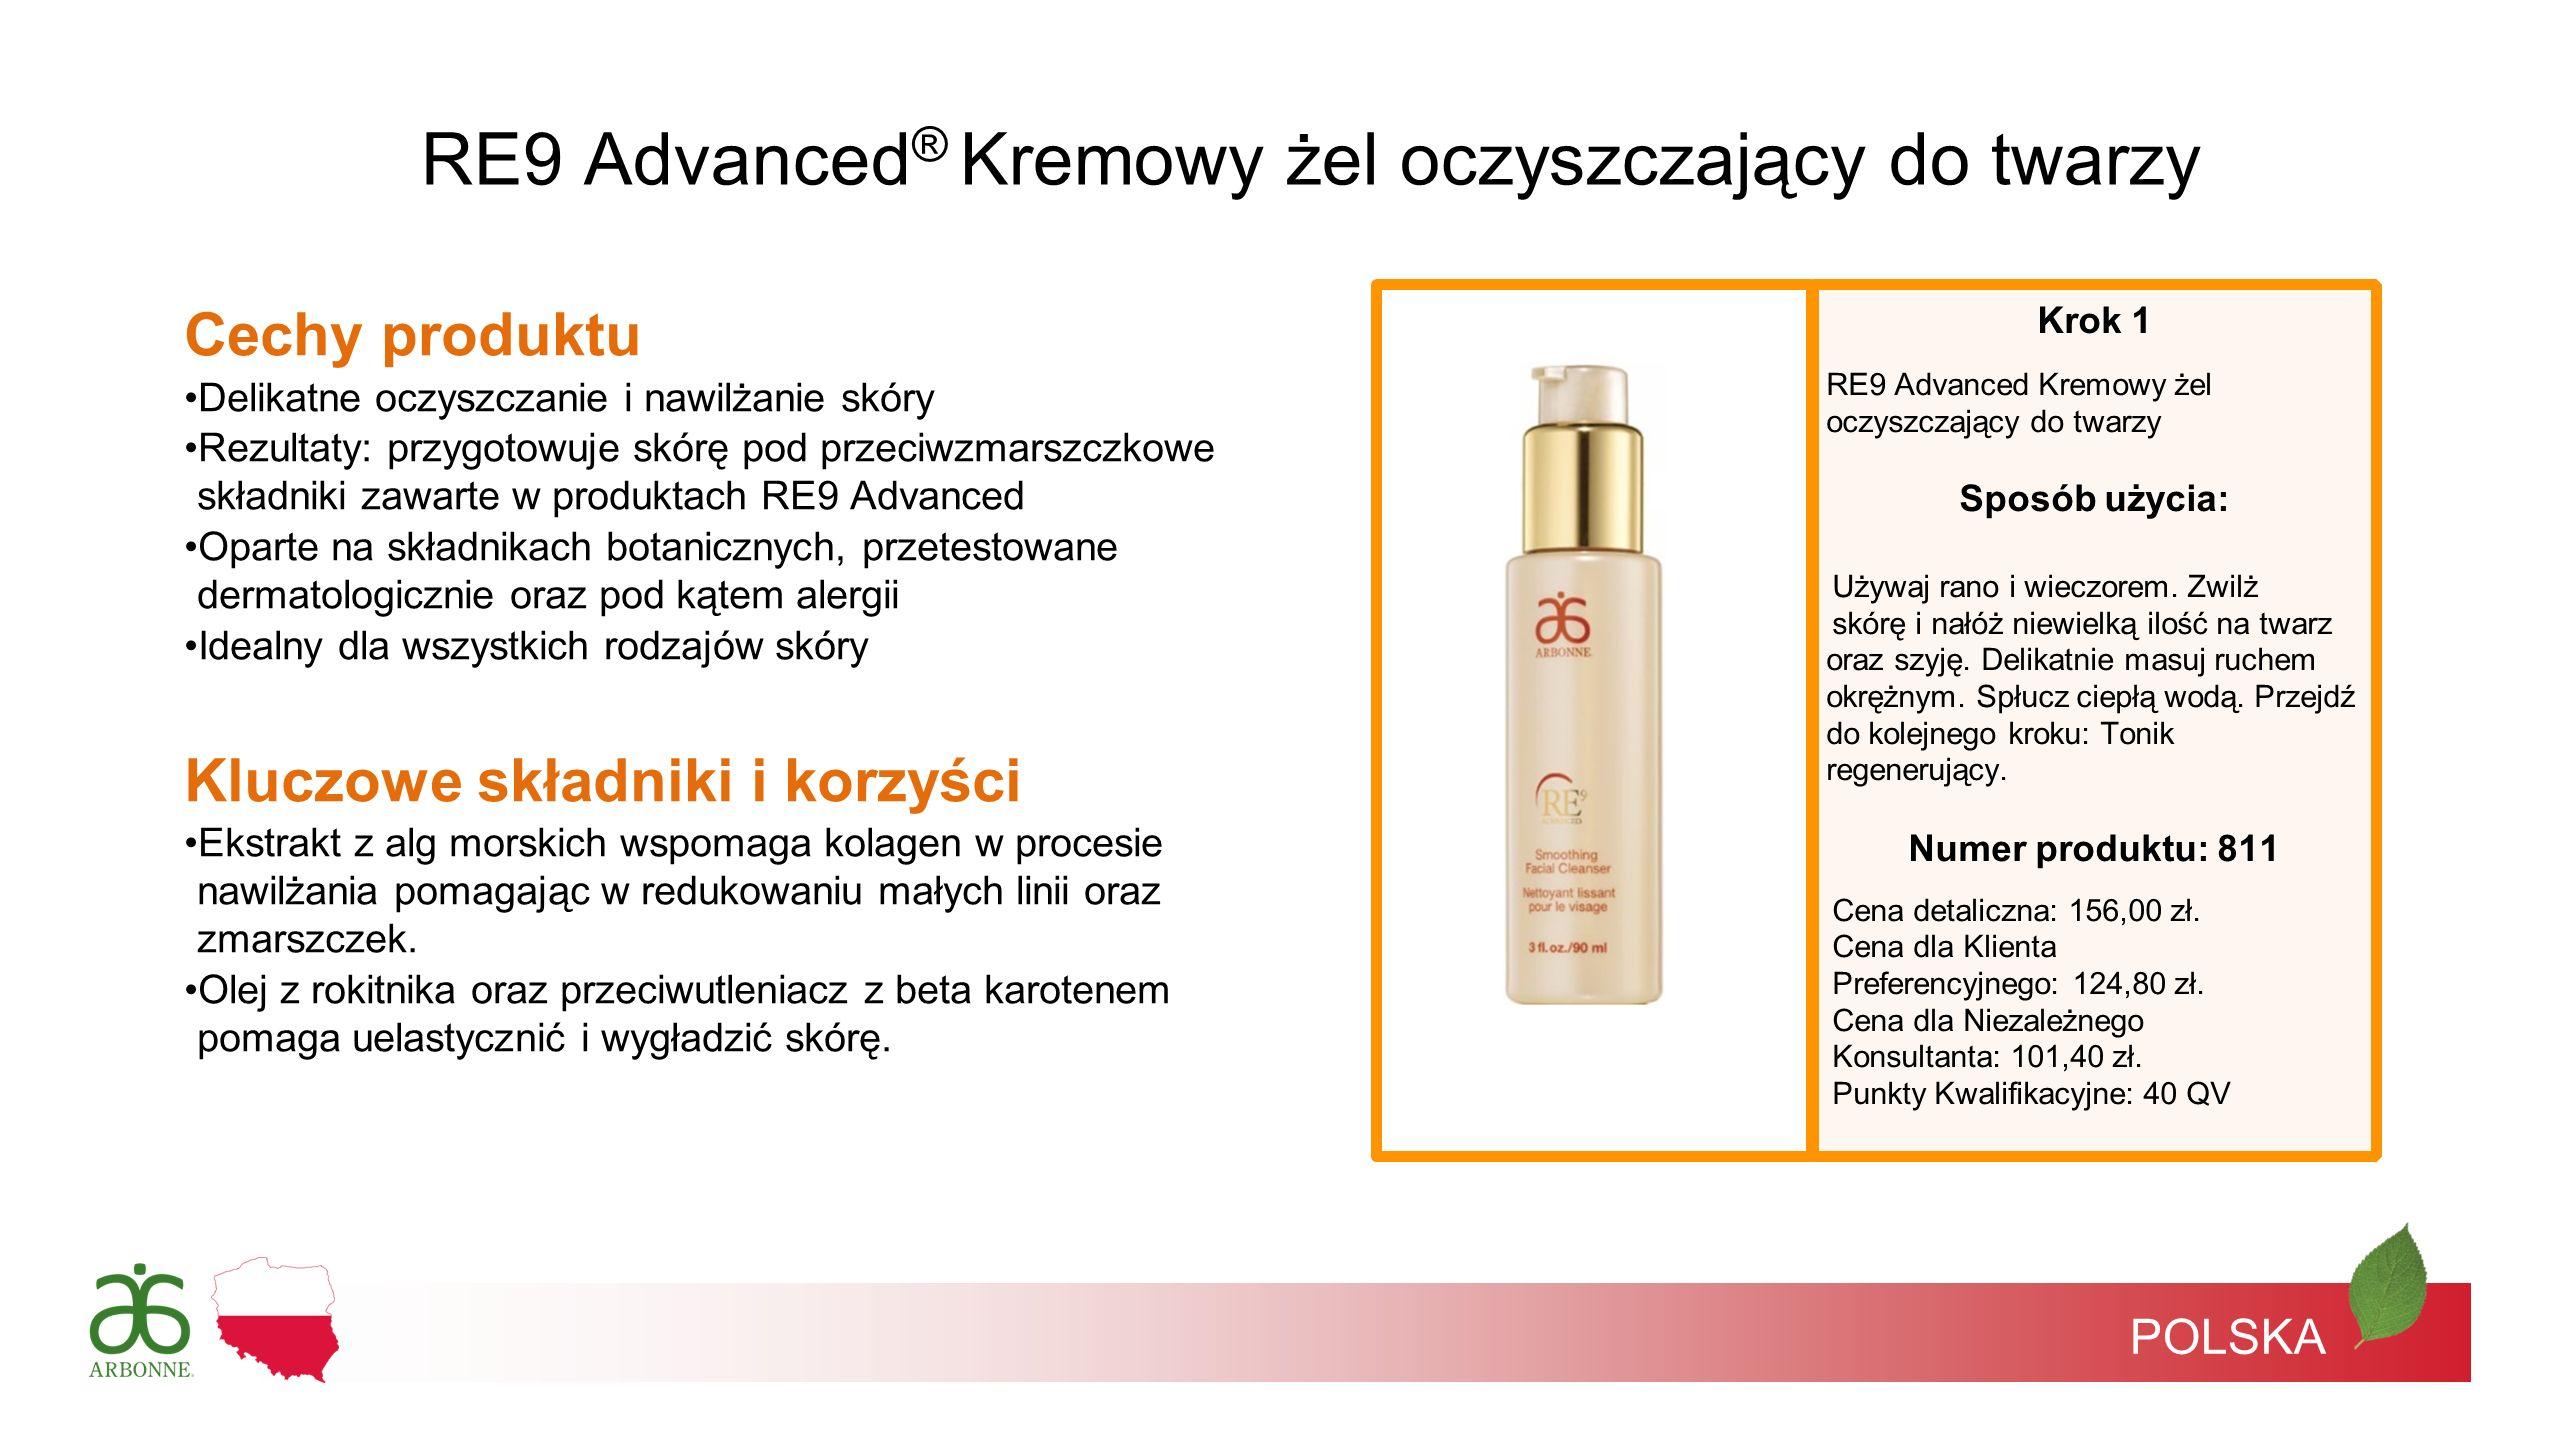 RE9 Advanced® Kremowy żel oczyszczający do twarzy